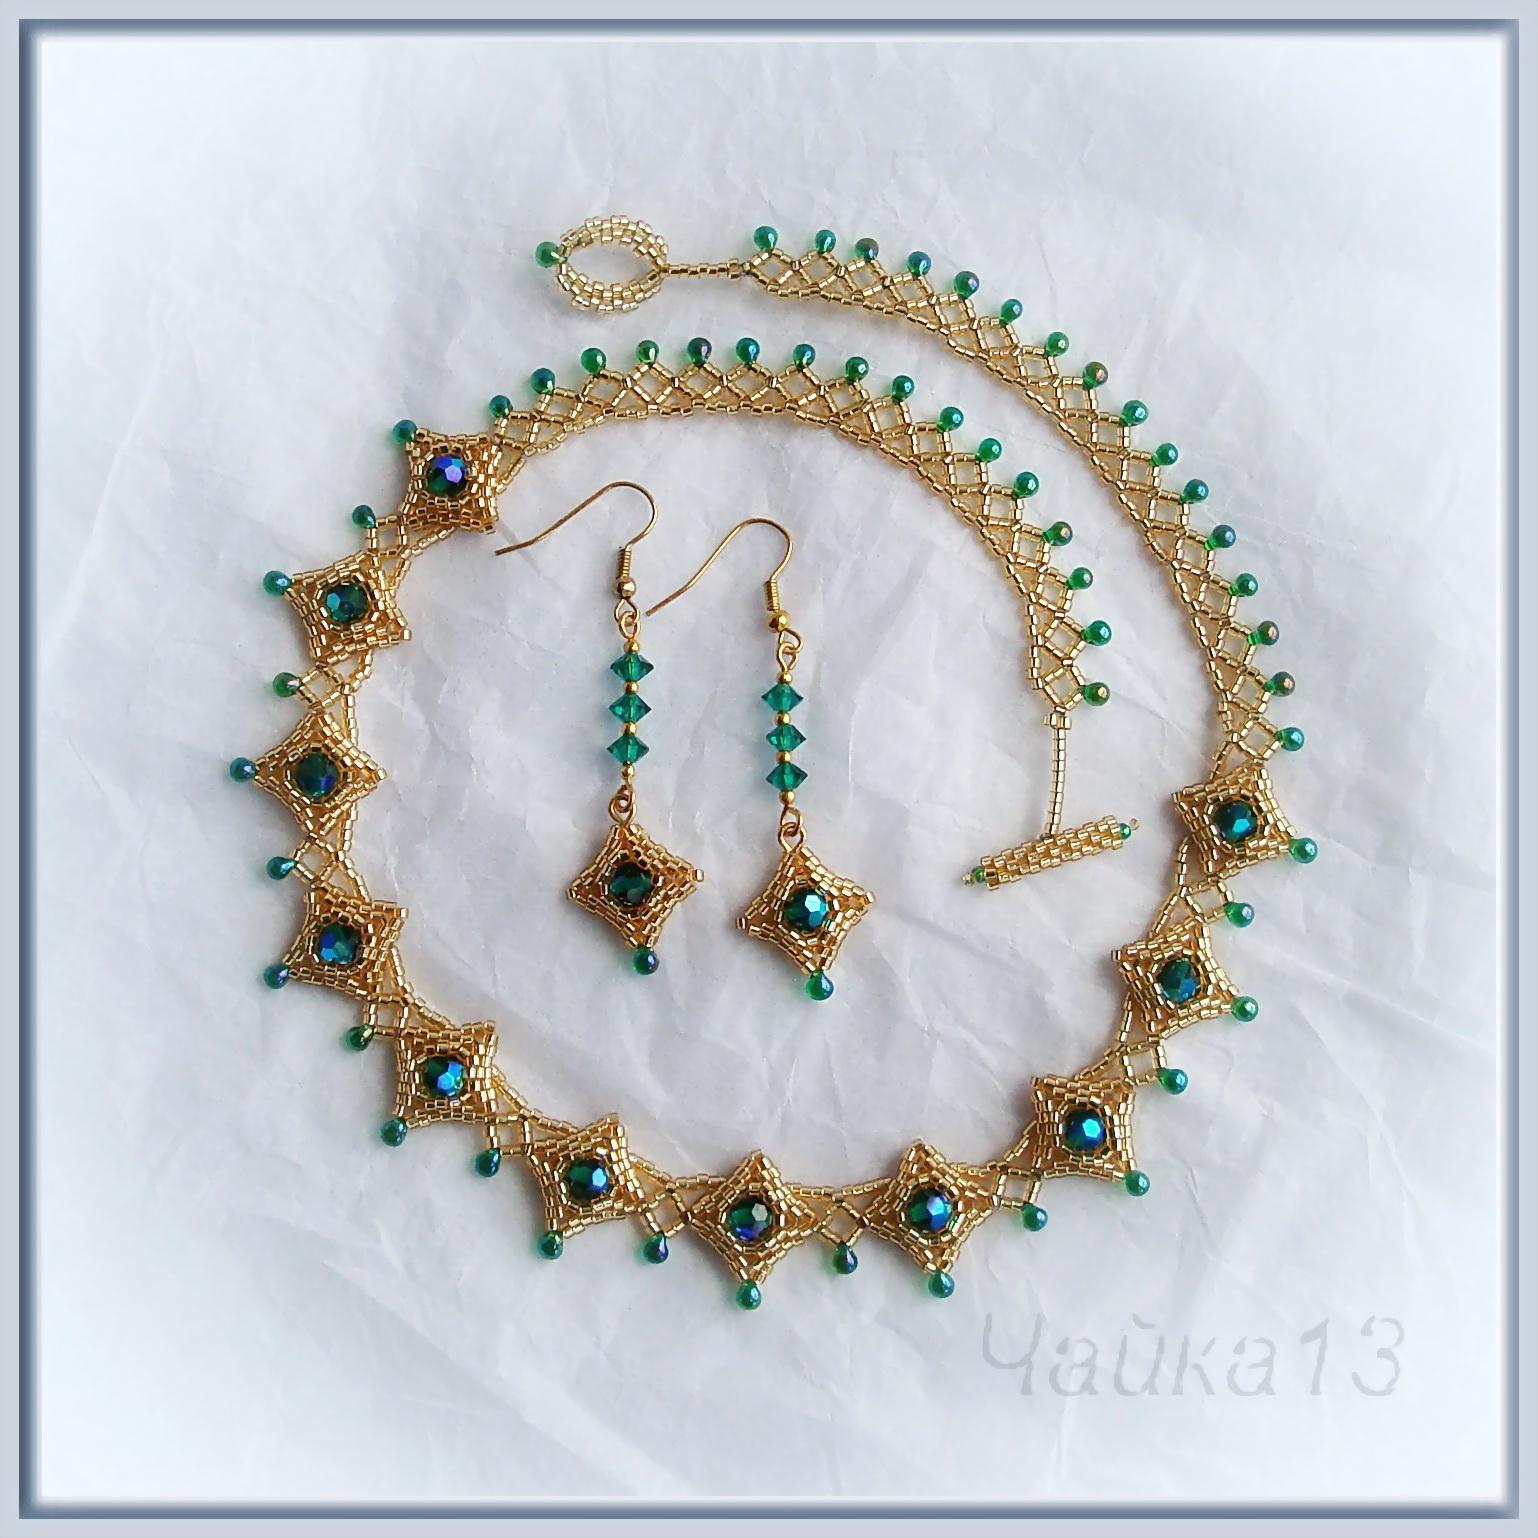 Мастер-класс плетение ожерелья из бисера своими руками P i r a k u.